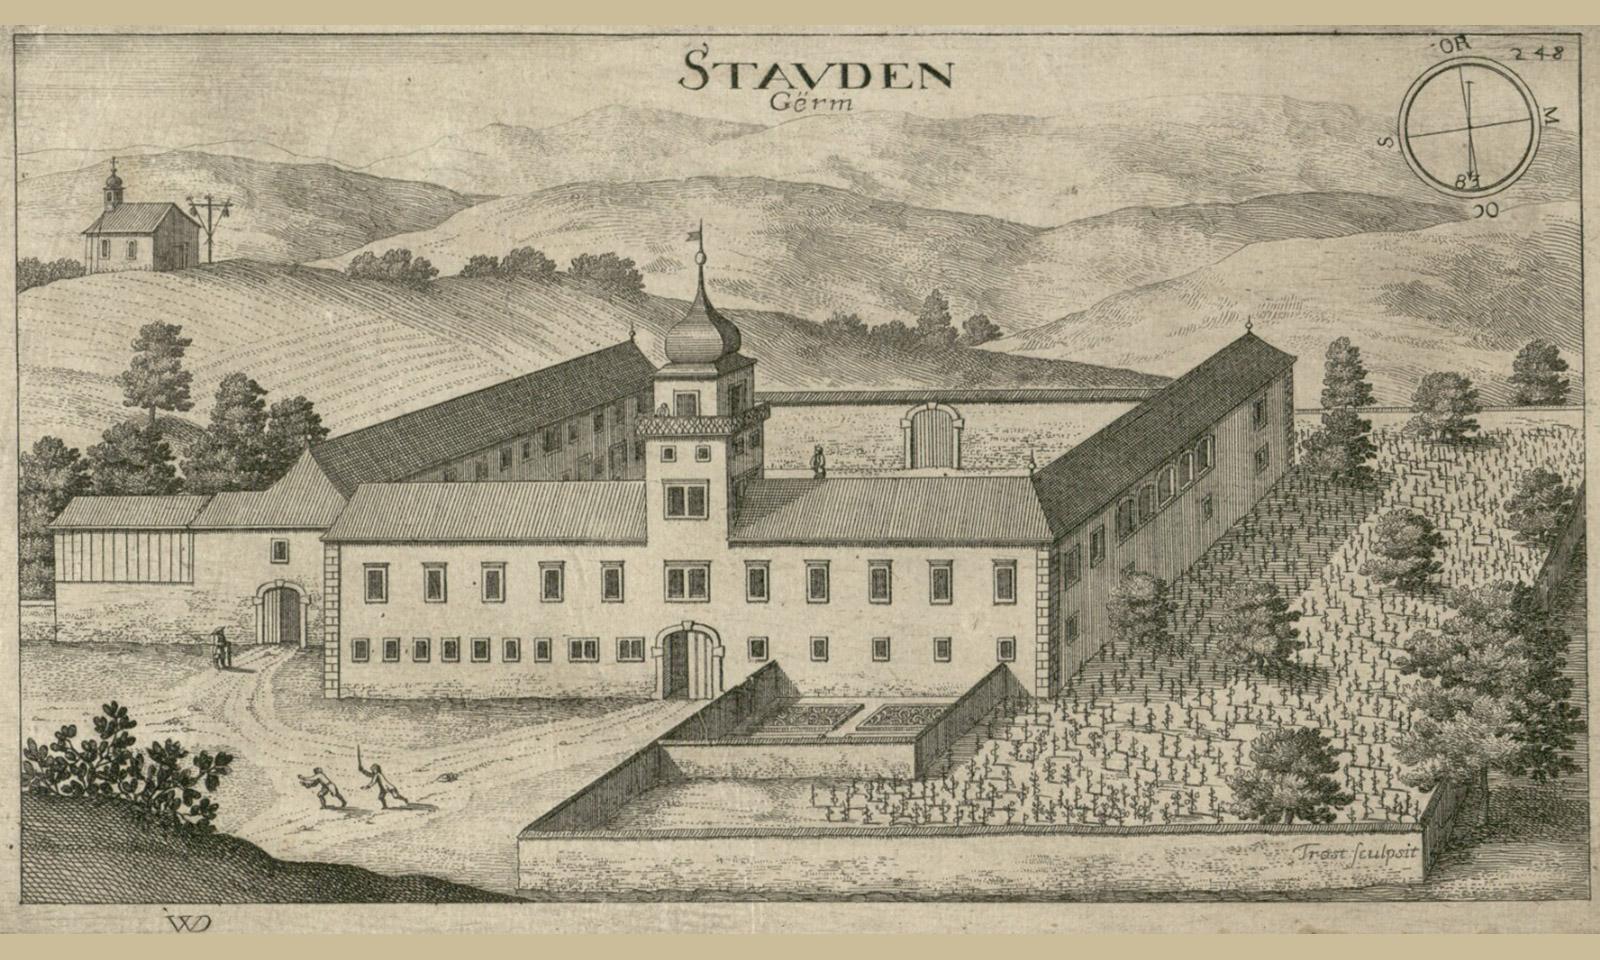 grad Grm v Slavi vojvodine Kranjske